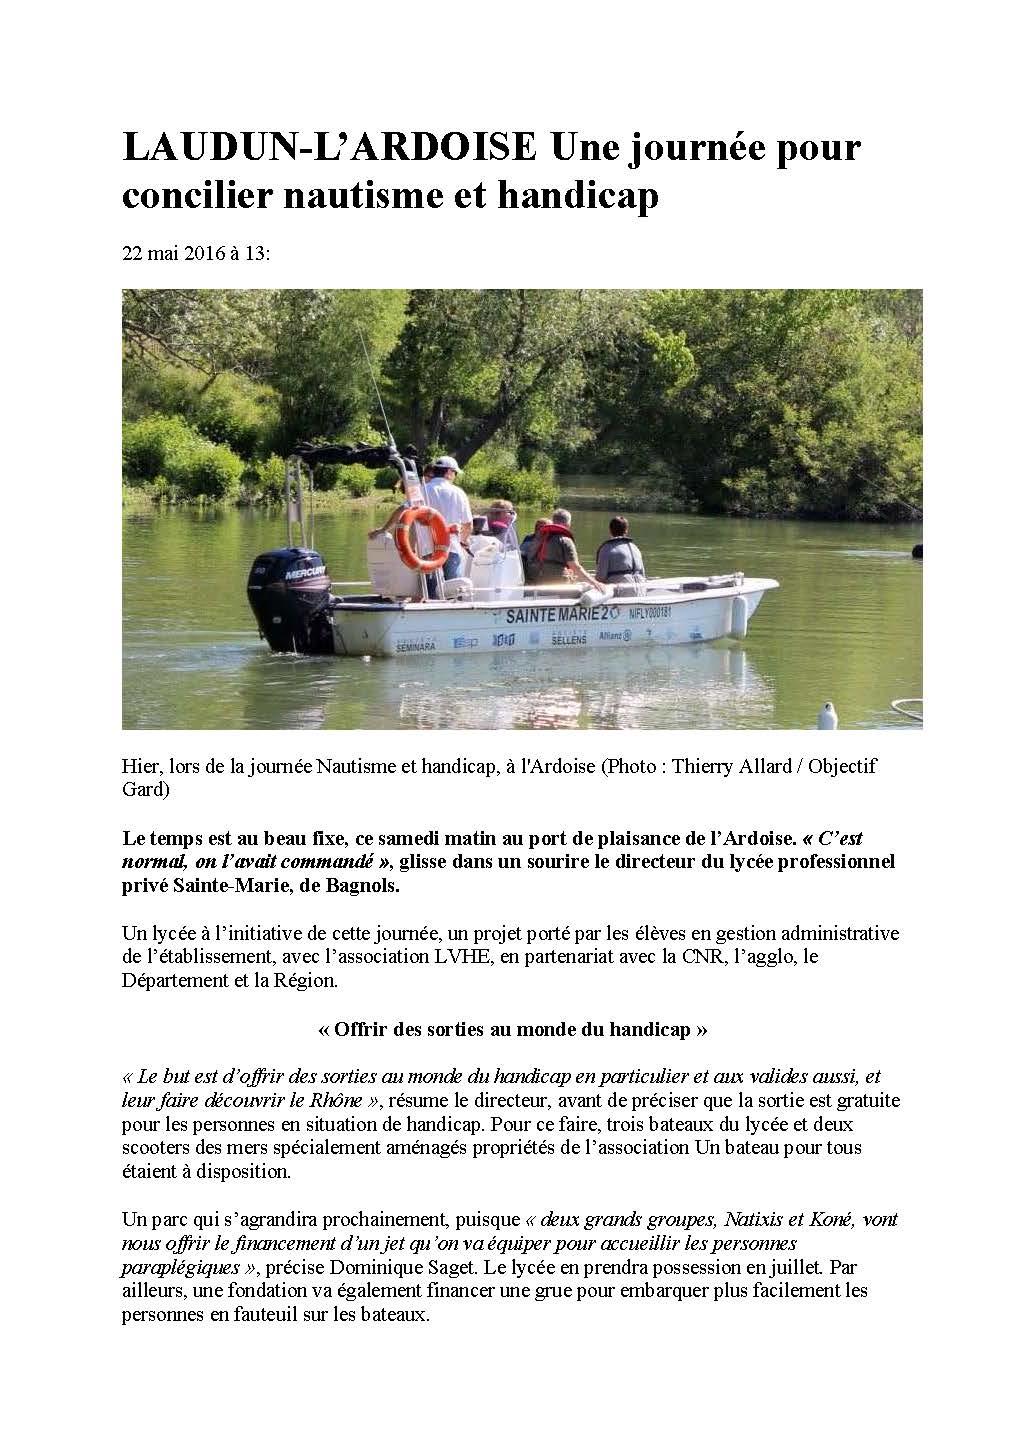 Objectif Gard LAUDUN-L'ARDOISE Une journée pour concilier nautisme et handicap 22-05-2016_Page_1